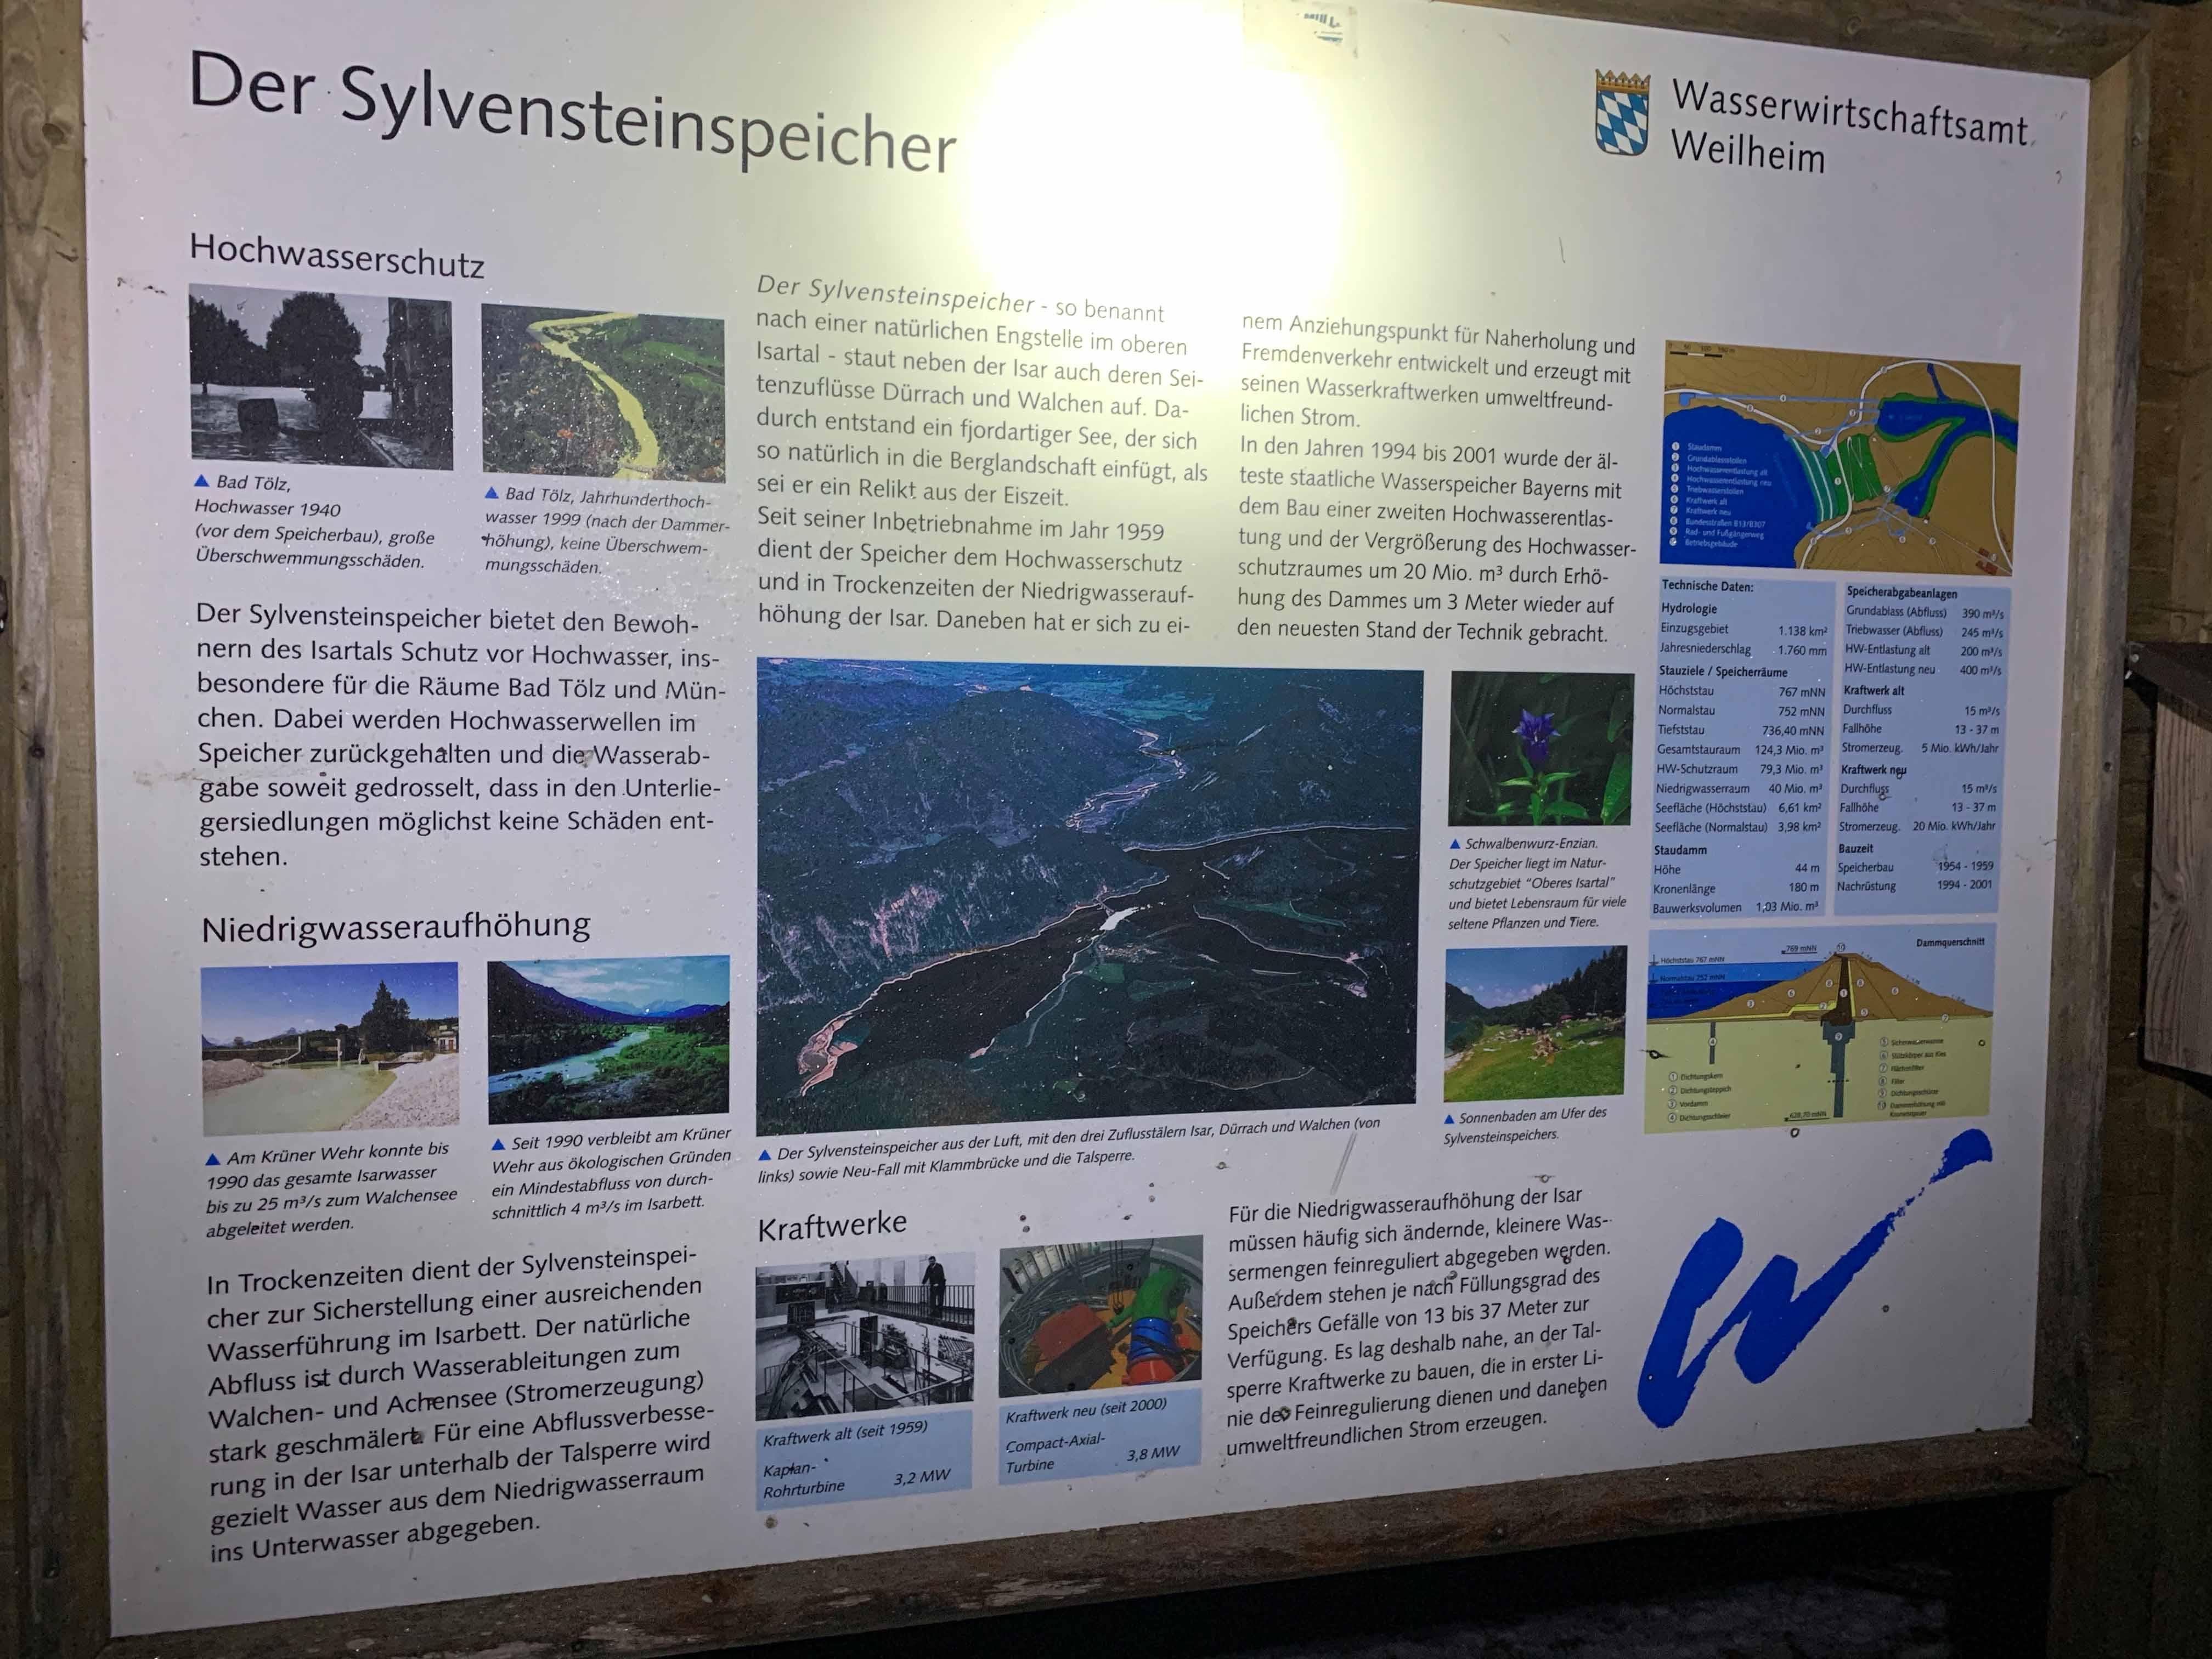 24h Wohnmobilstellplatz Sylvensteinspeic